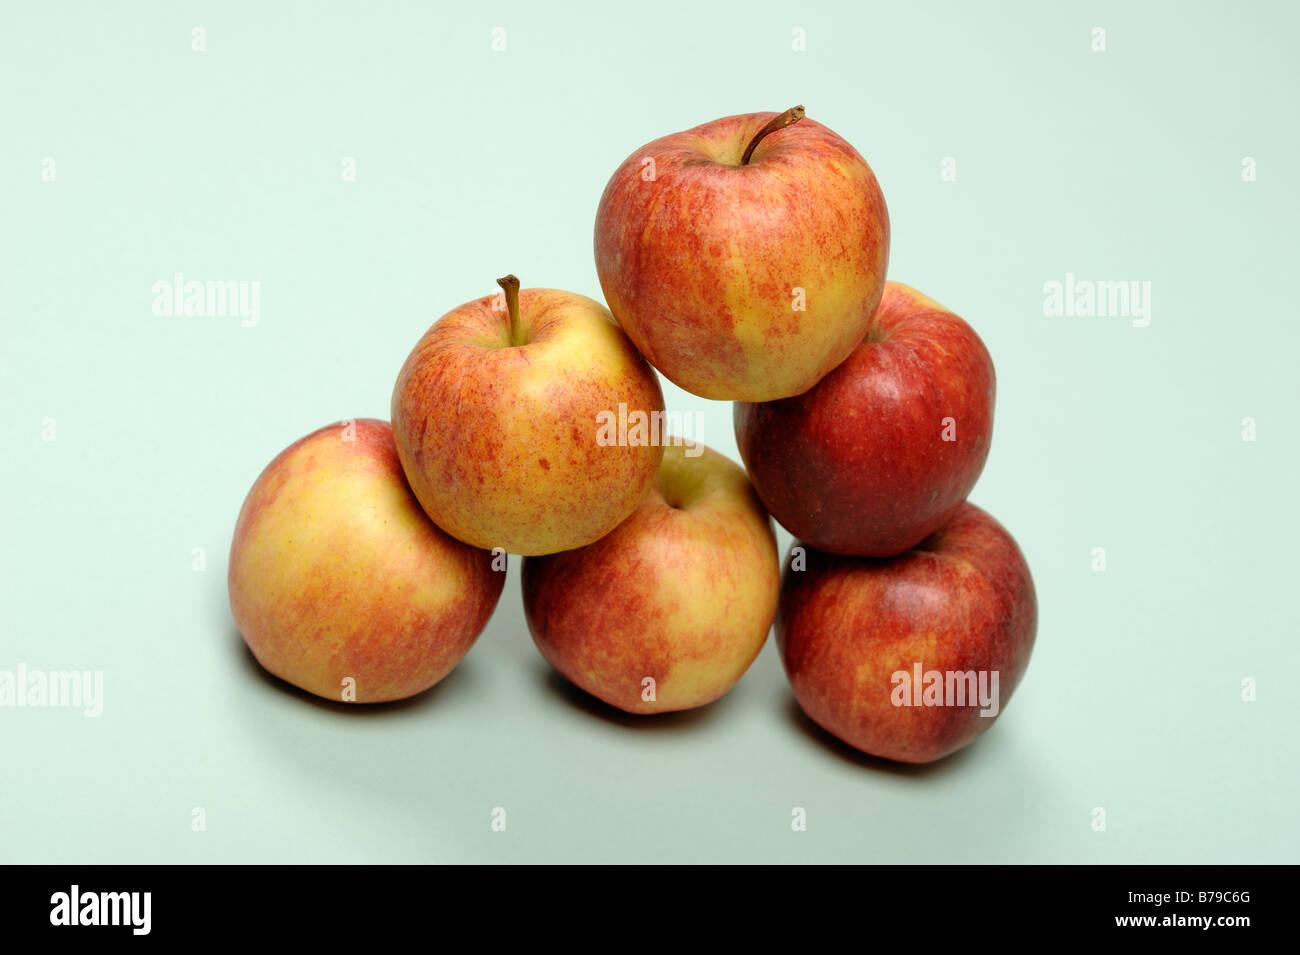 Six Royal Gala apples - Stock Image